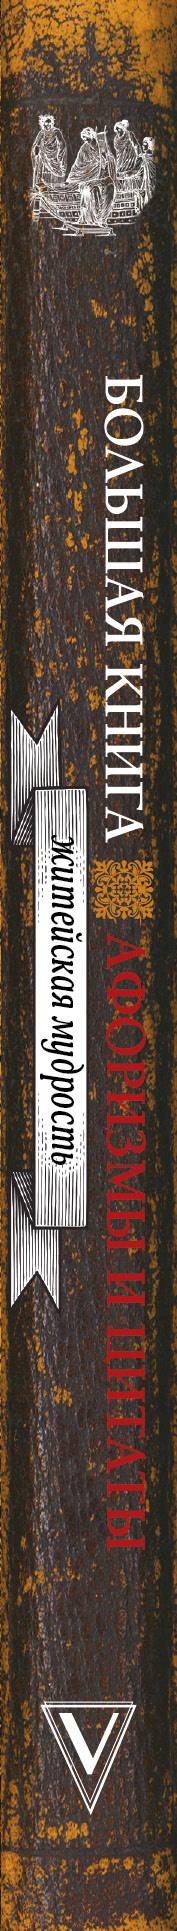 Большая книга афоризмов, житейской мудрости и цитат.